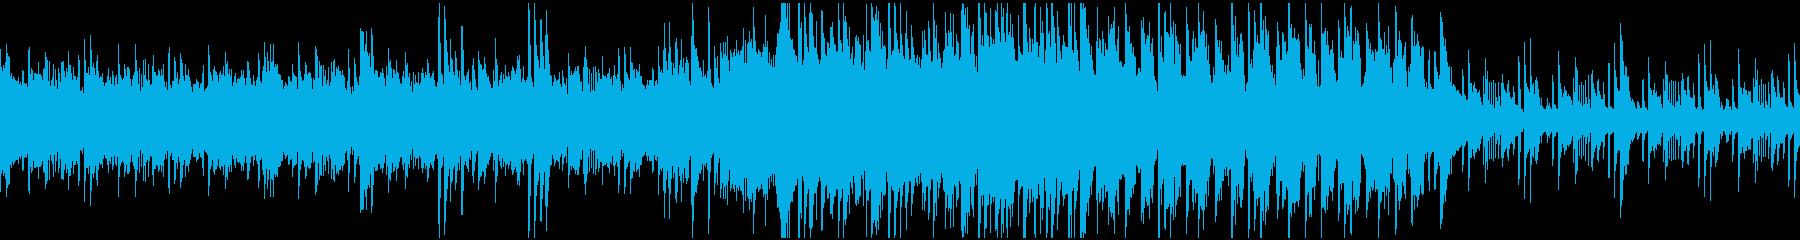 ループ素材 湖 海 畔 の再生済みの波形